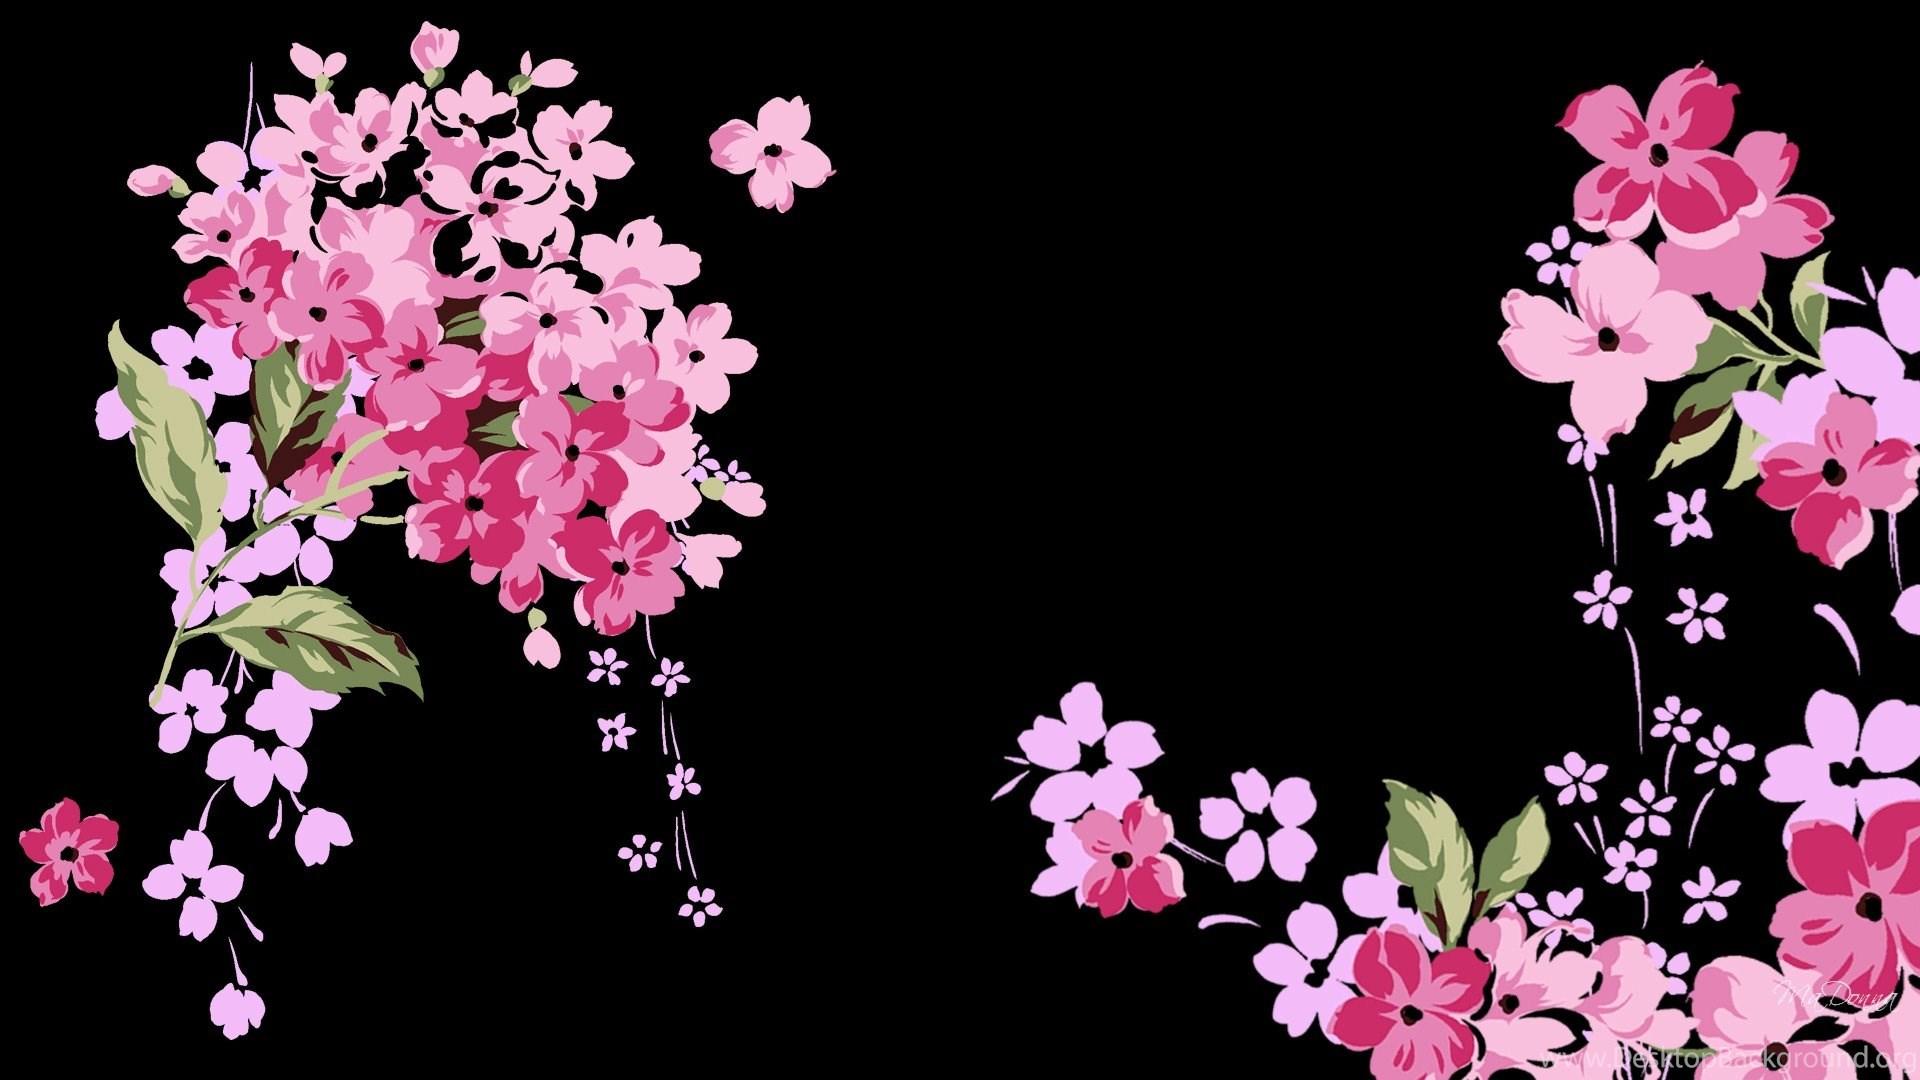 картинки на экран цветы на черном фоне для такой важной